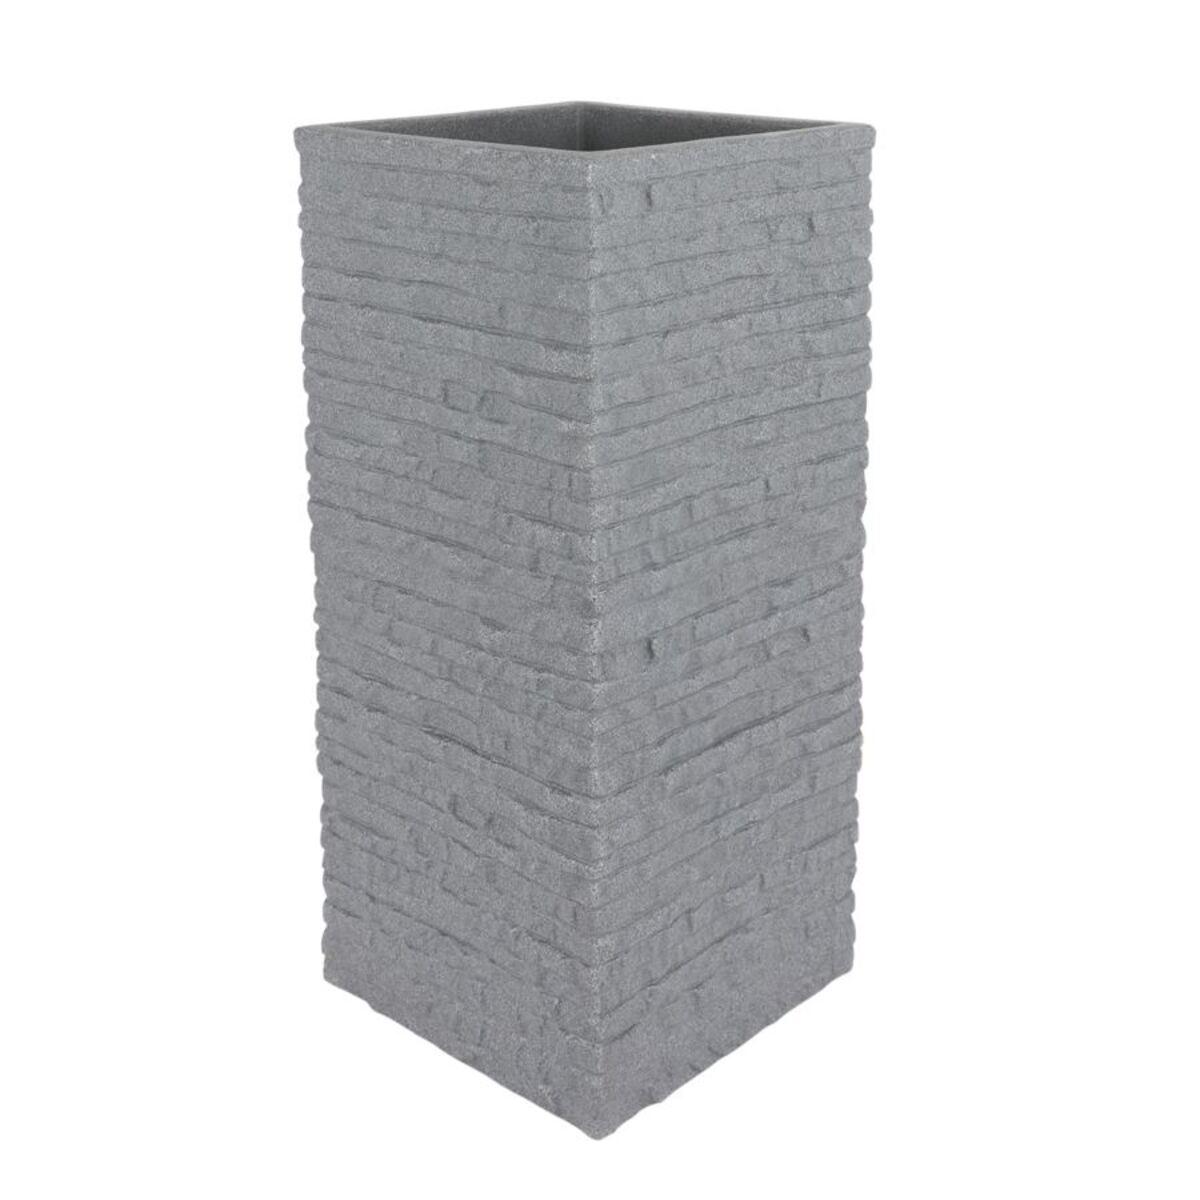 Bild 1 von Kubus Ziegel-Säulentopf 26x26x60cm Grau